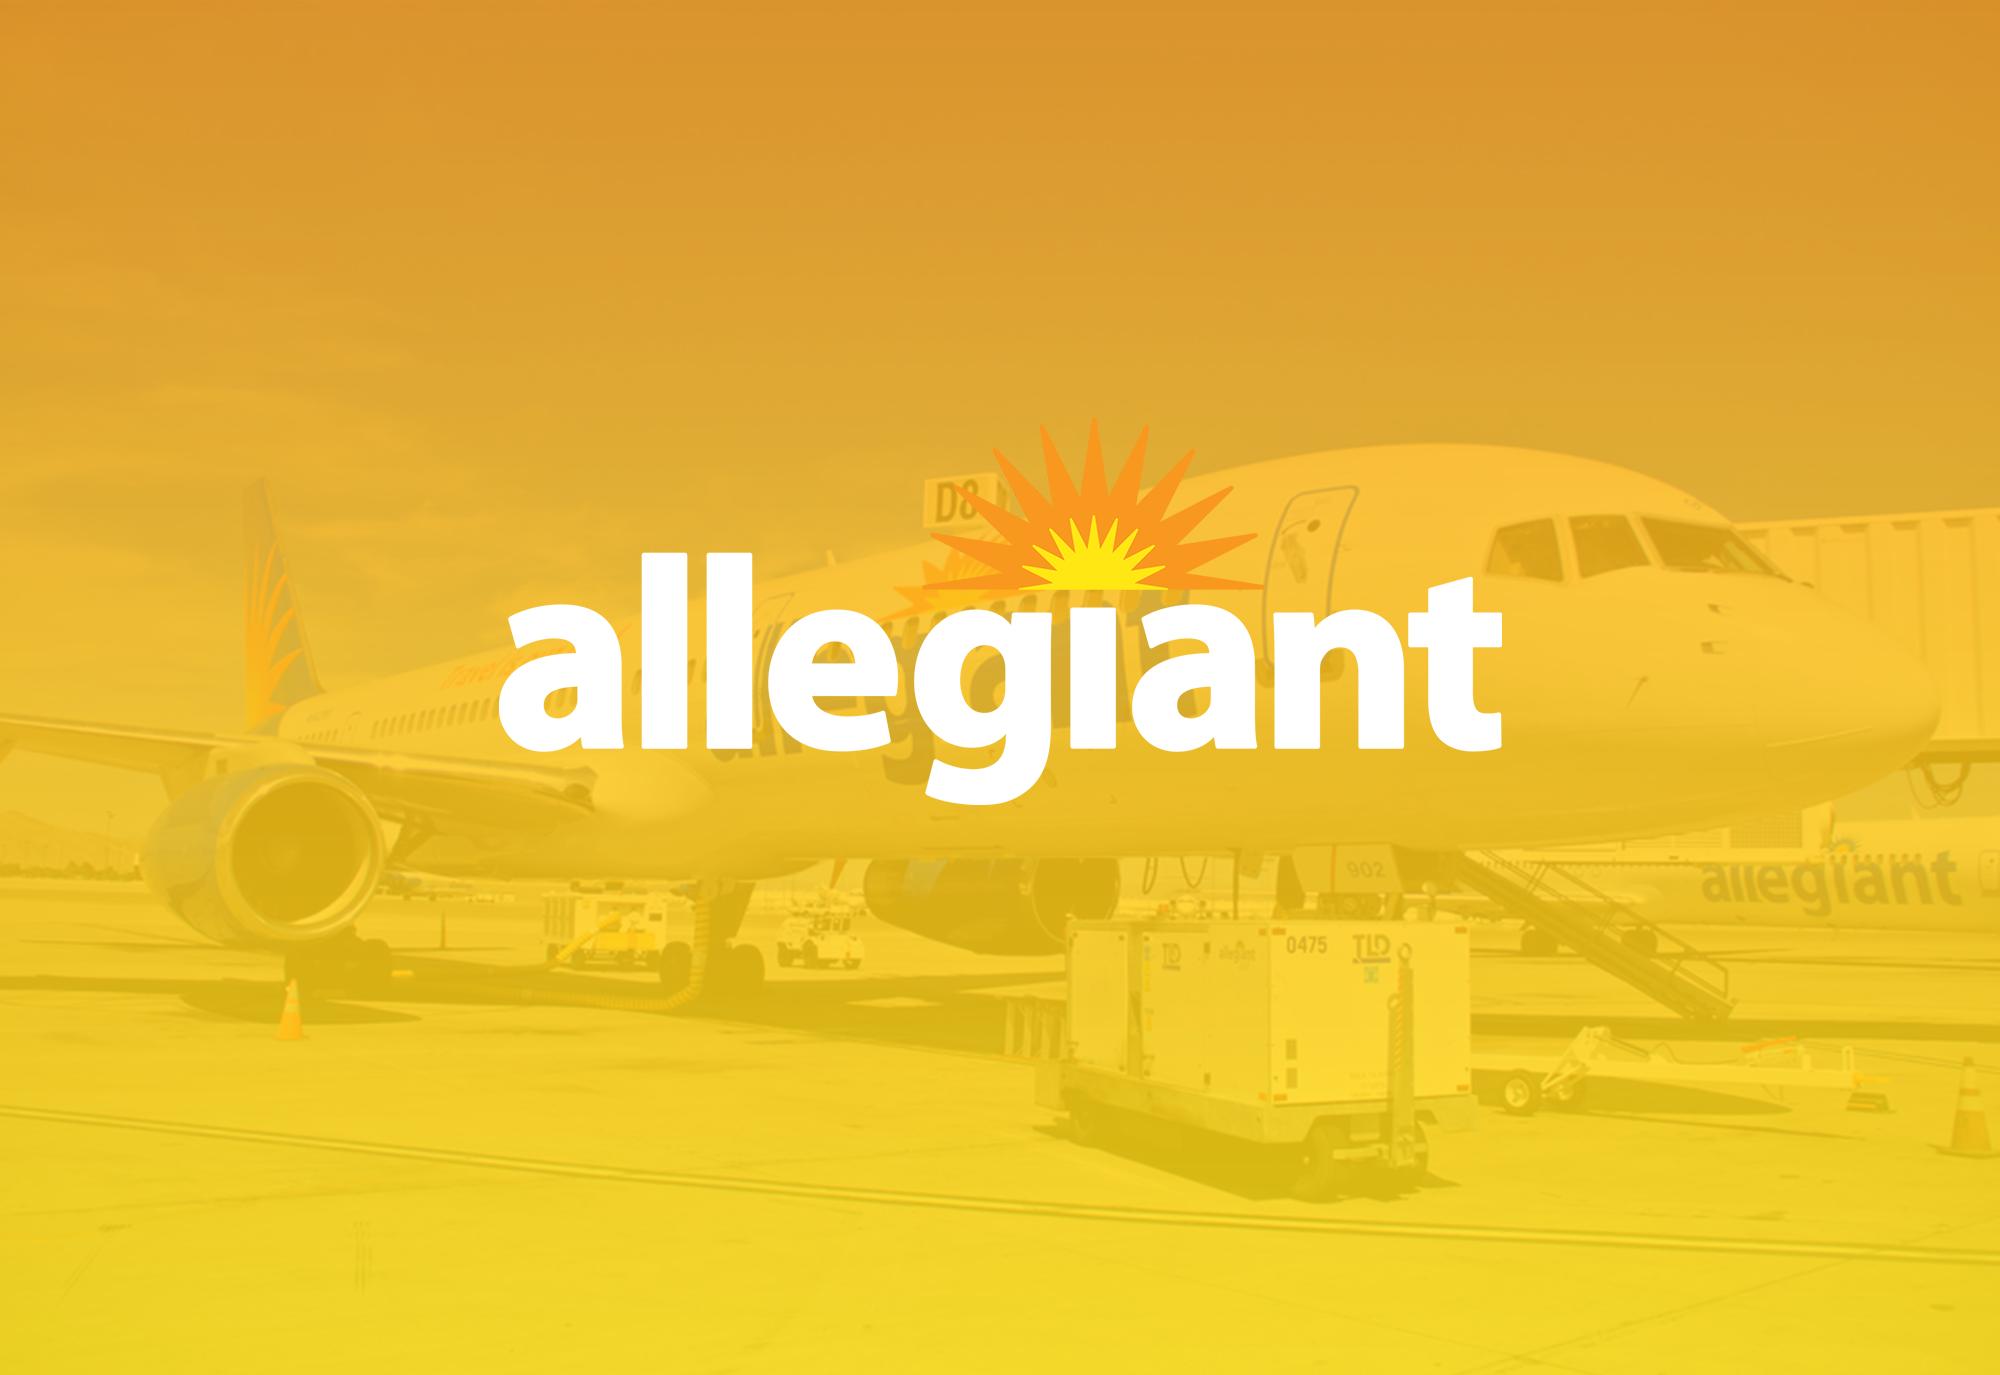 Allegiant Overview